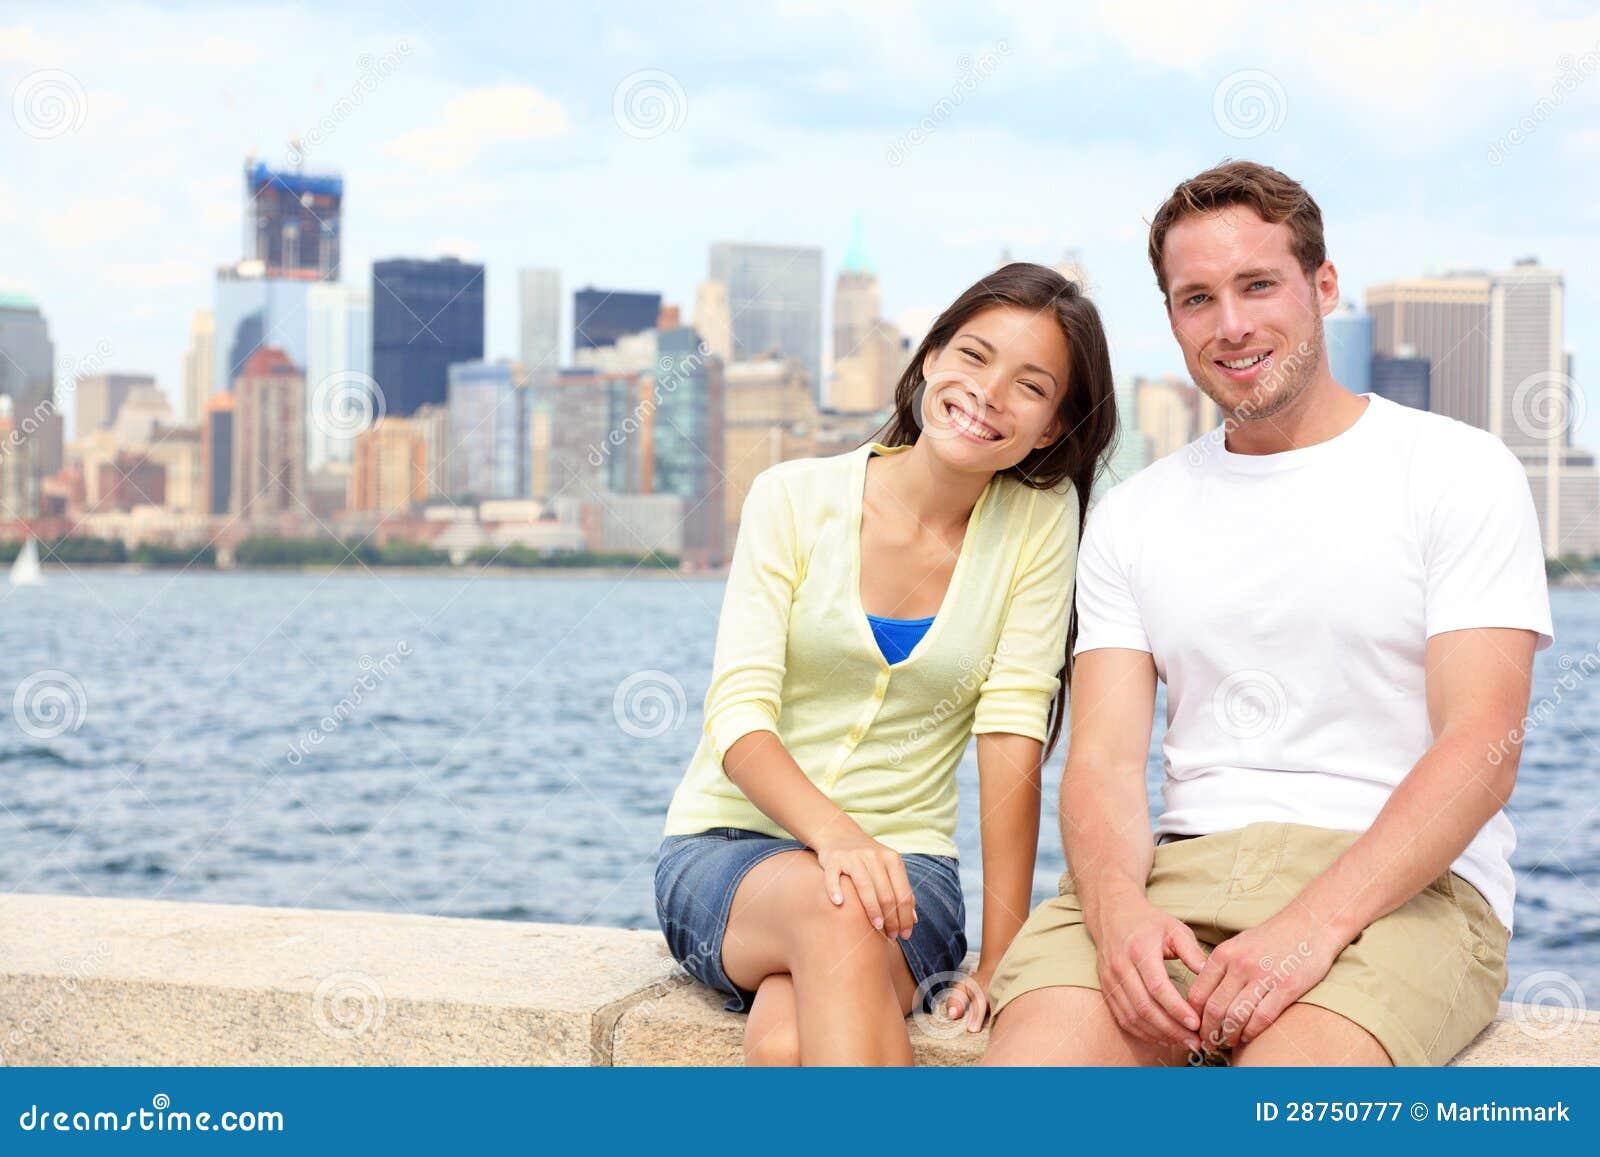 States 4 Manhattan Couple Only Asian White Couple